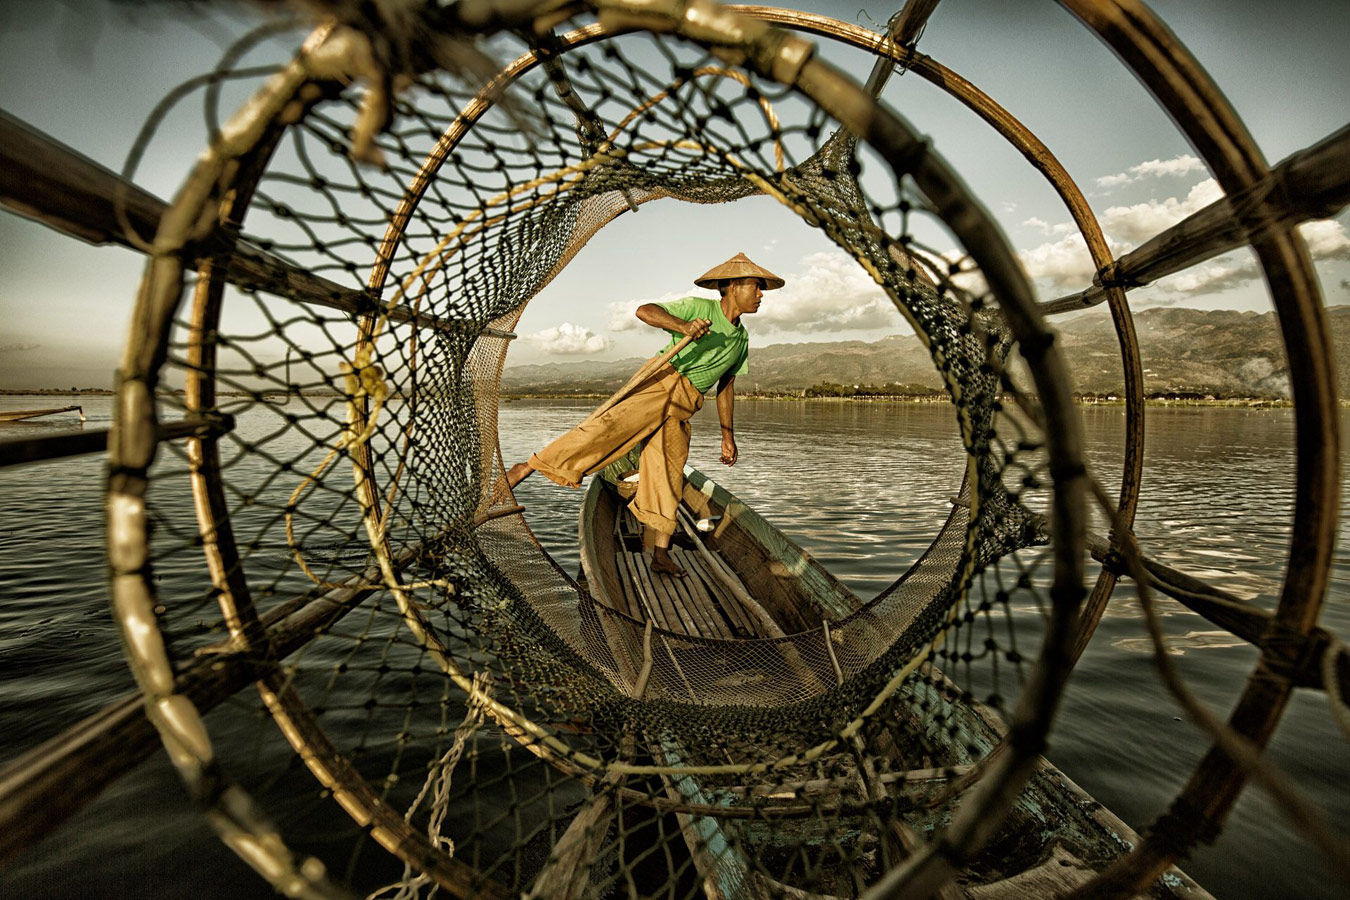 Рыбак на озере Инле, © Иньжи Пан, Китай, 1 место, Фотоконкурс Siena